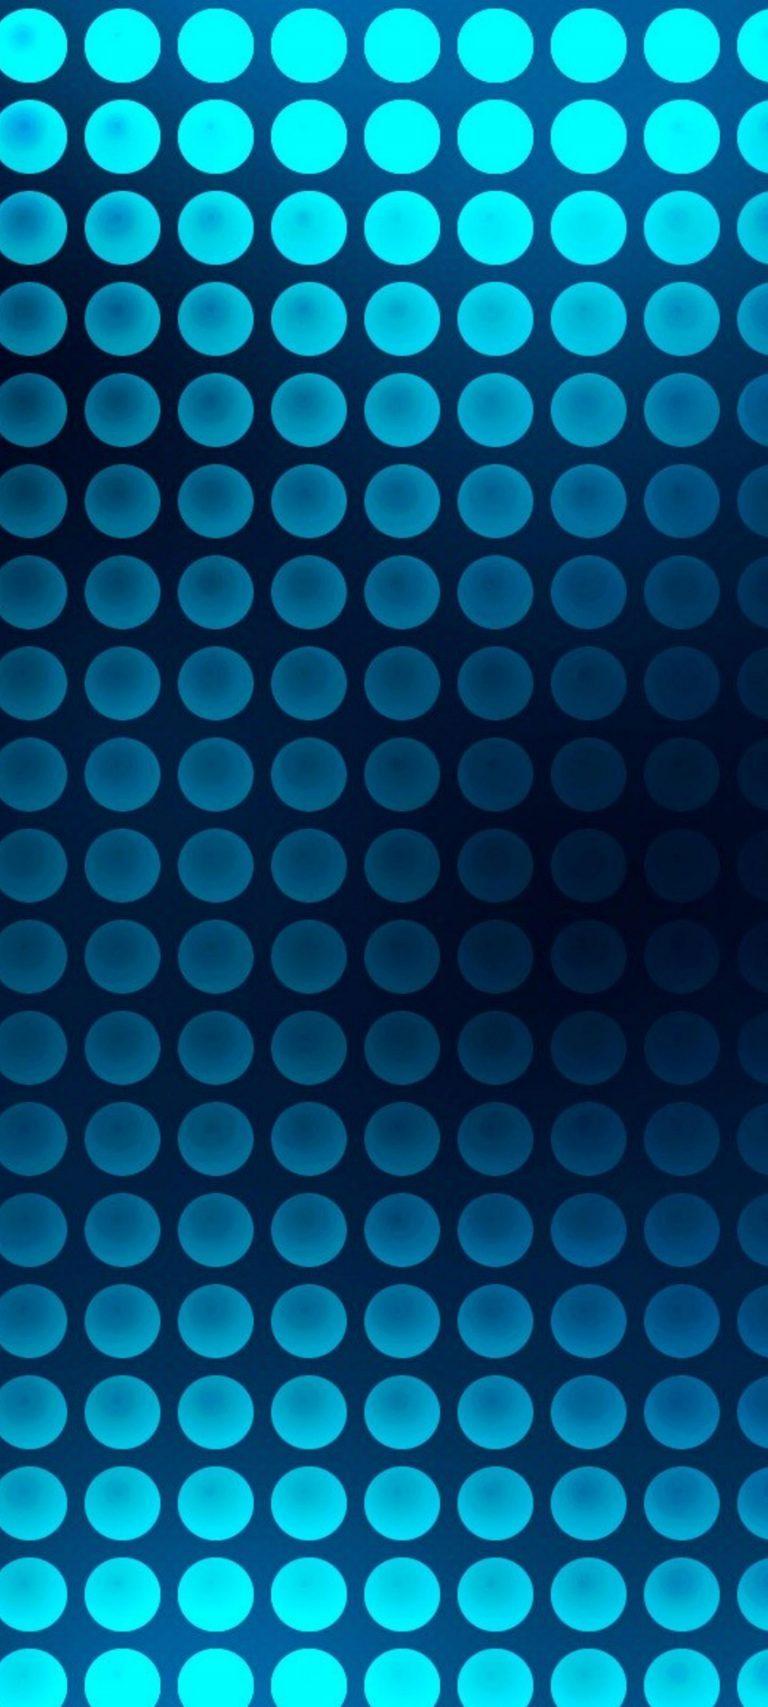 1440x3200 HD Wallpaper 190 768x1707 - 1440x3200 HD Wallpaper - 190